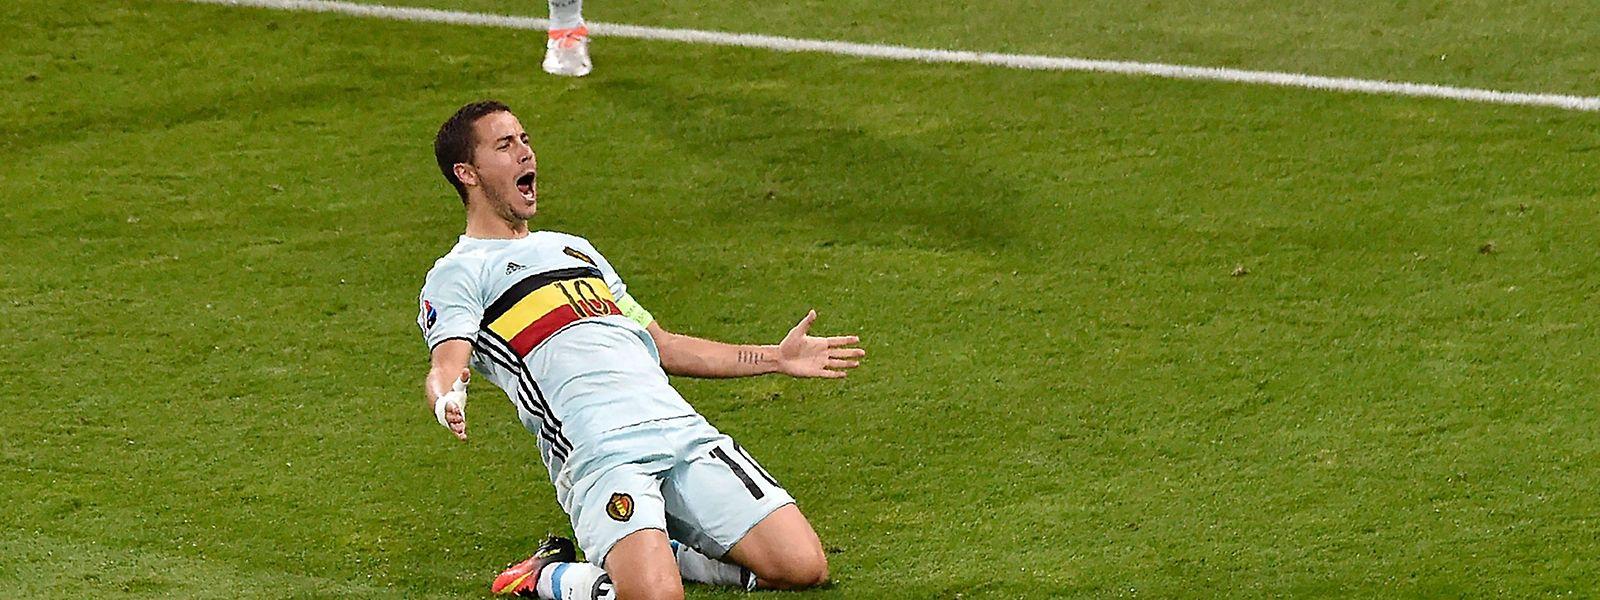 Eden Hazard feiert sein Traumtor zum 3:0.